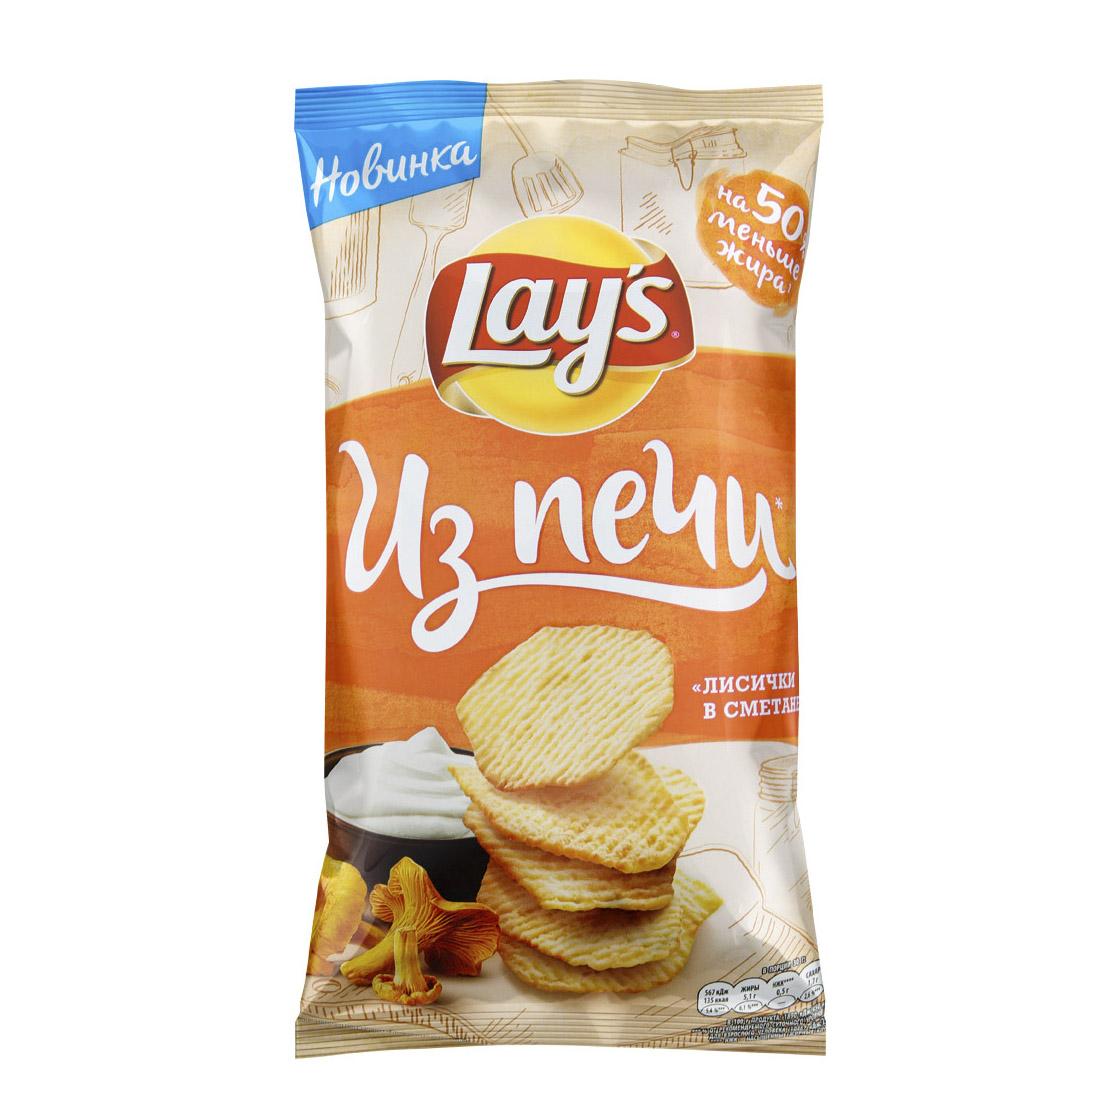 Чипсы картофельные Lays Из Печи Лисички в сметане 120 г недорого